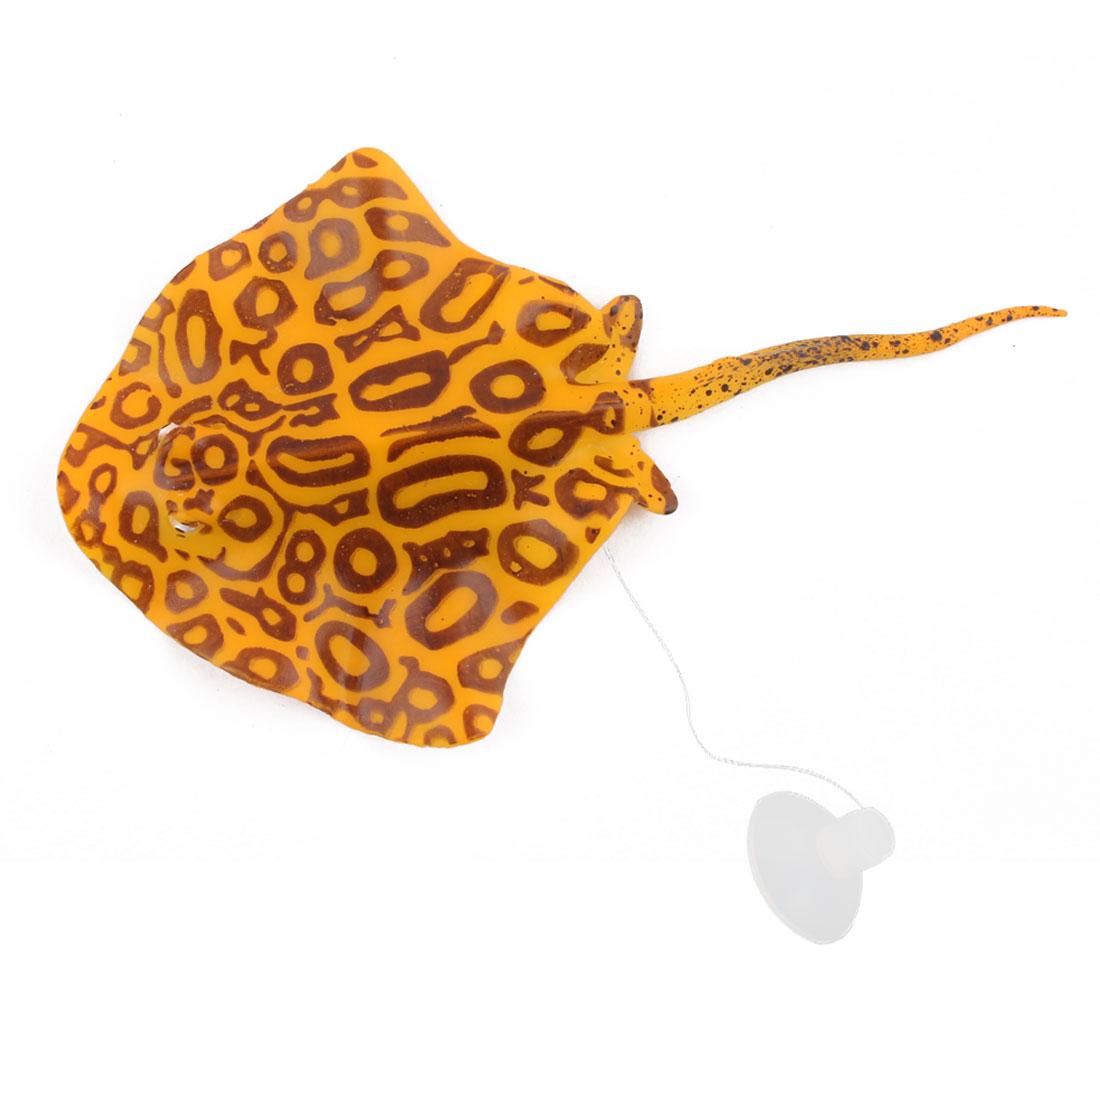 Aquarium Silicone Suction Cup Thread Vivid Aquatic Decorative Manta Ray Orange